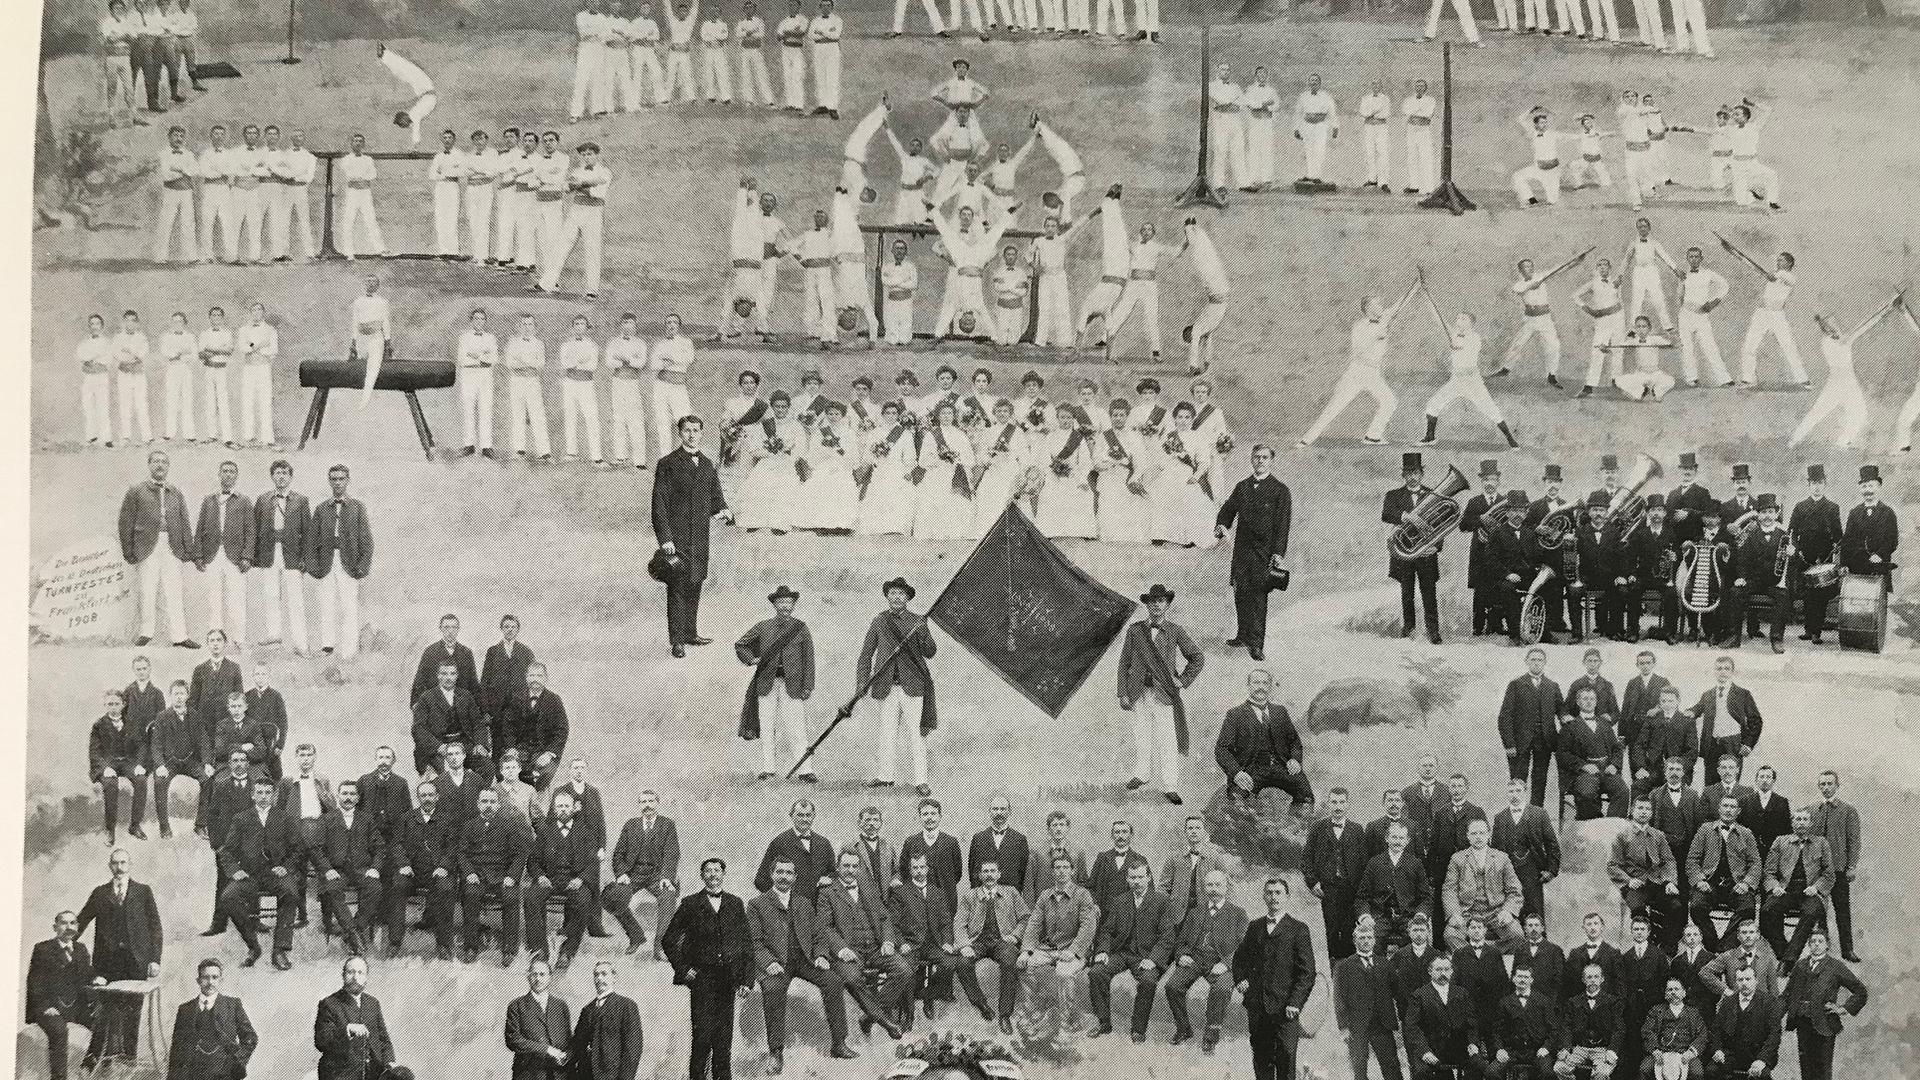 Die Fahnenweihe des Turnvereins Aue war im Jahr 1908 Anlass für ein großes Fest.